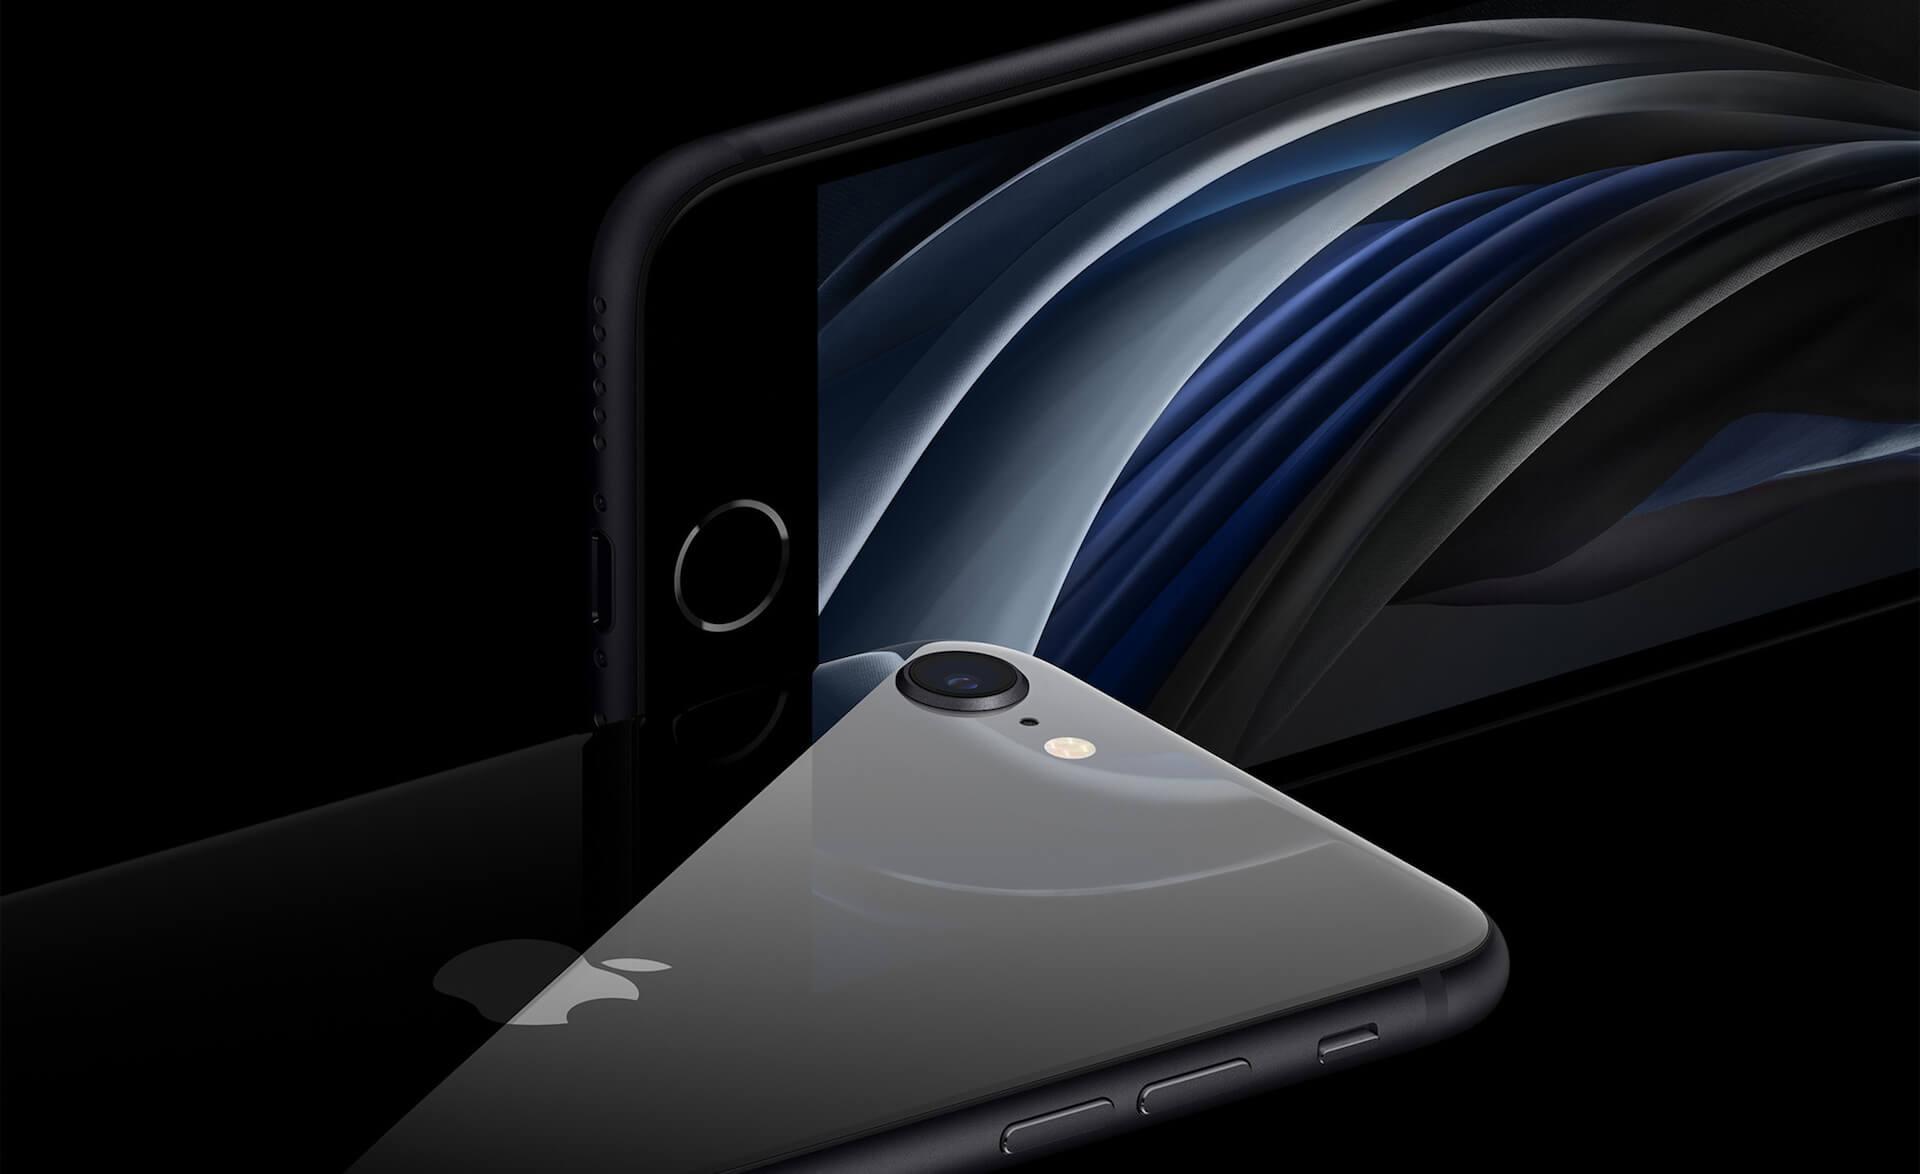 2〜3万円台のiPhone誕生の可能性?中国の新規サプライヤーが組み立て事業に参入か tech200715_iphone_cheap_1